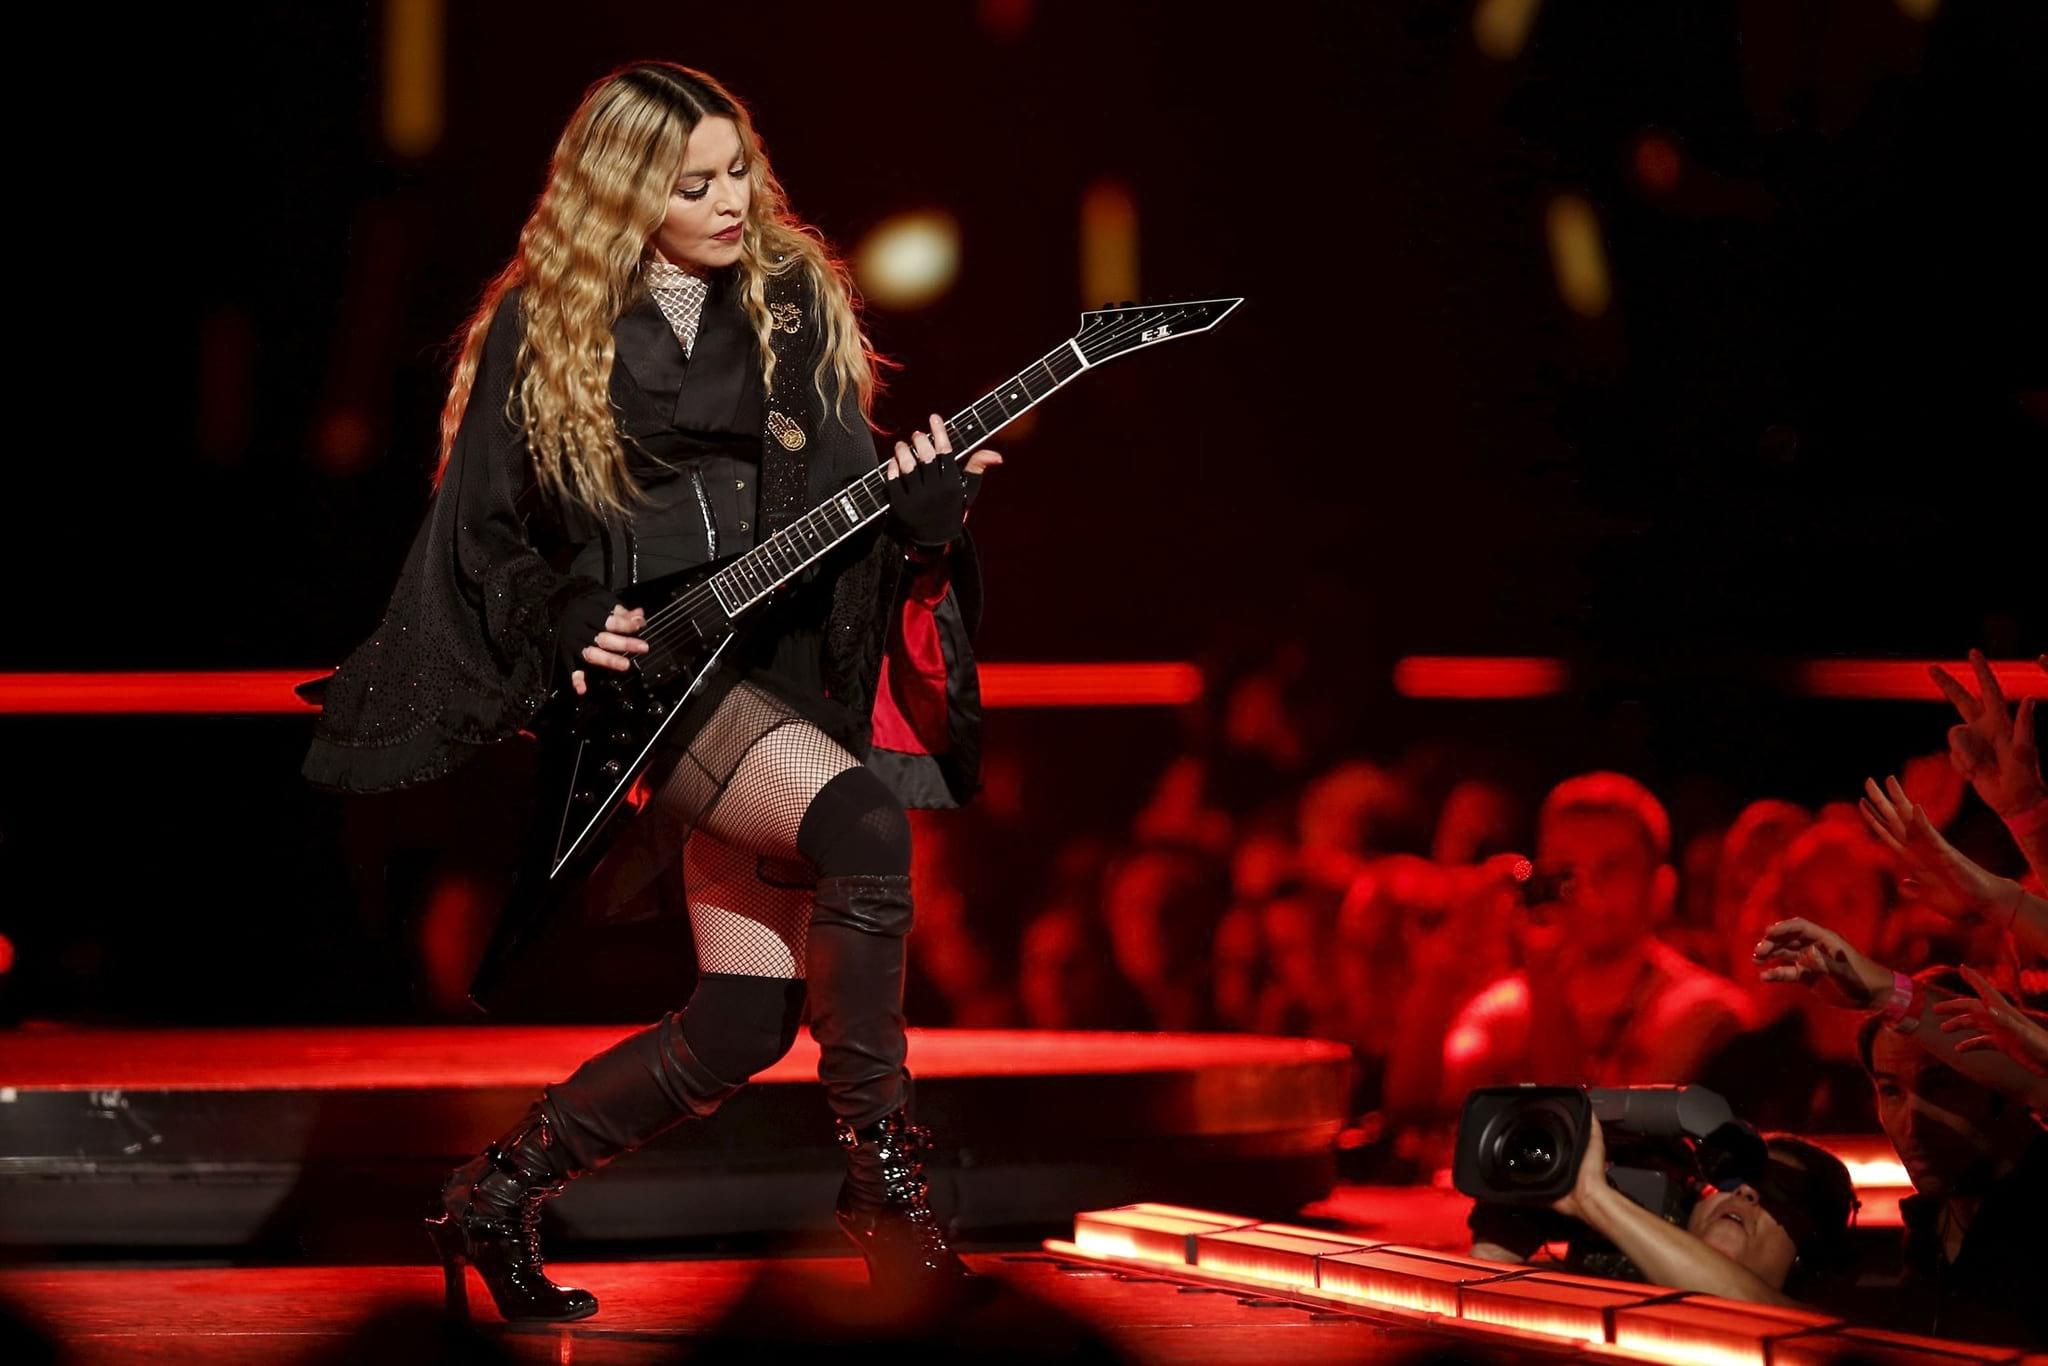 PÚBLICO - Lisboa pode inspirar Madonna para o seu próximo álbum